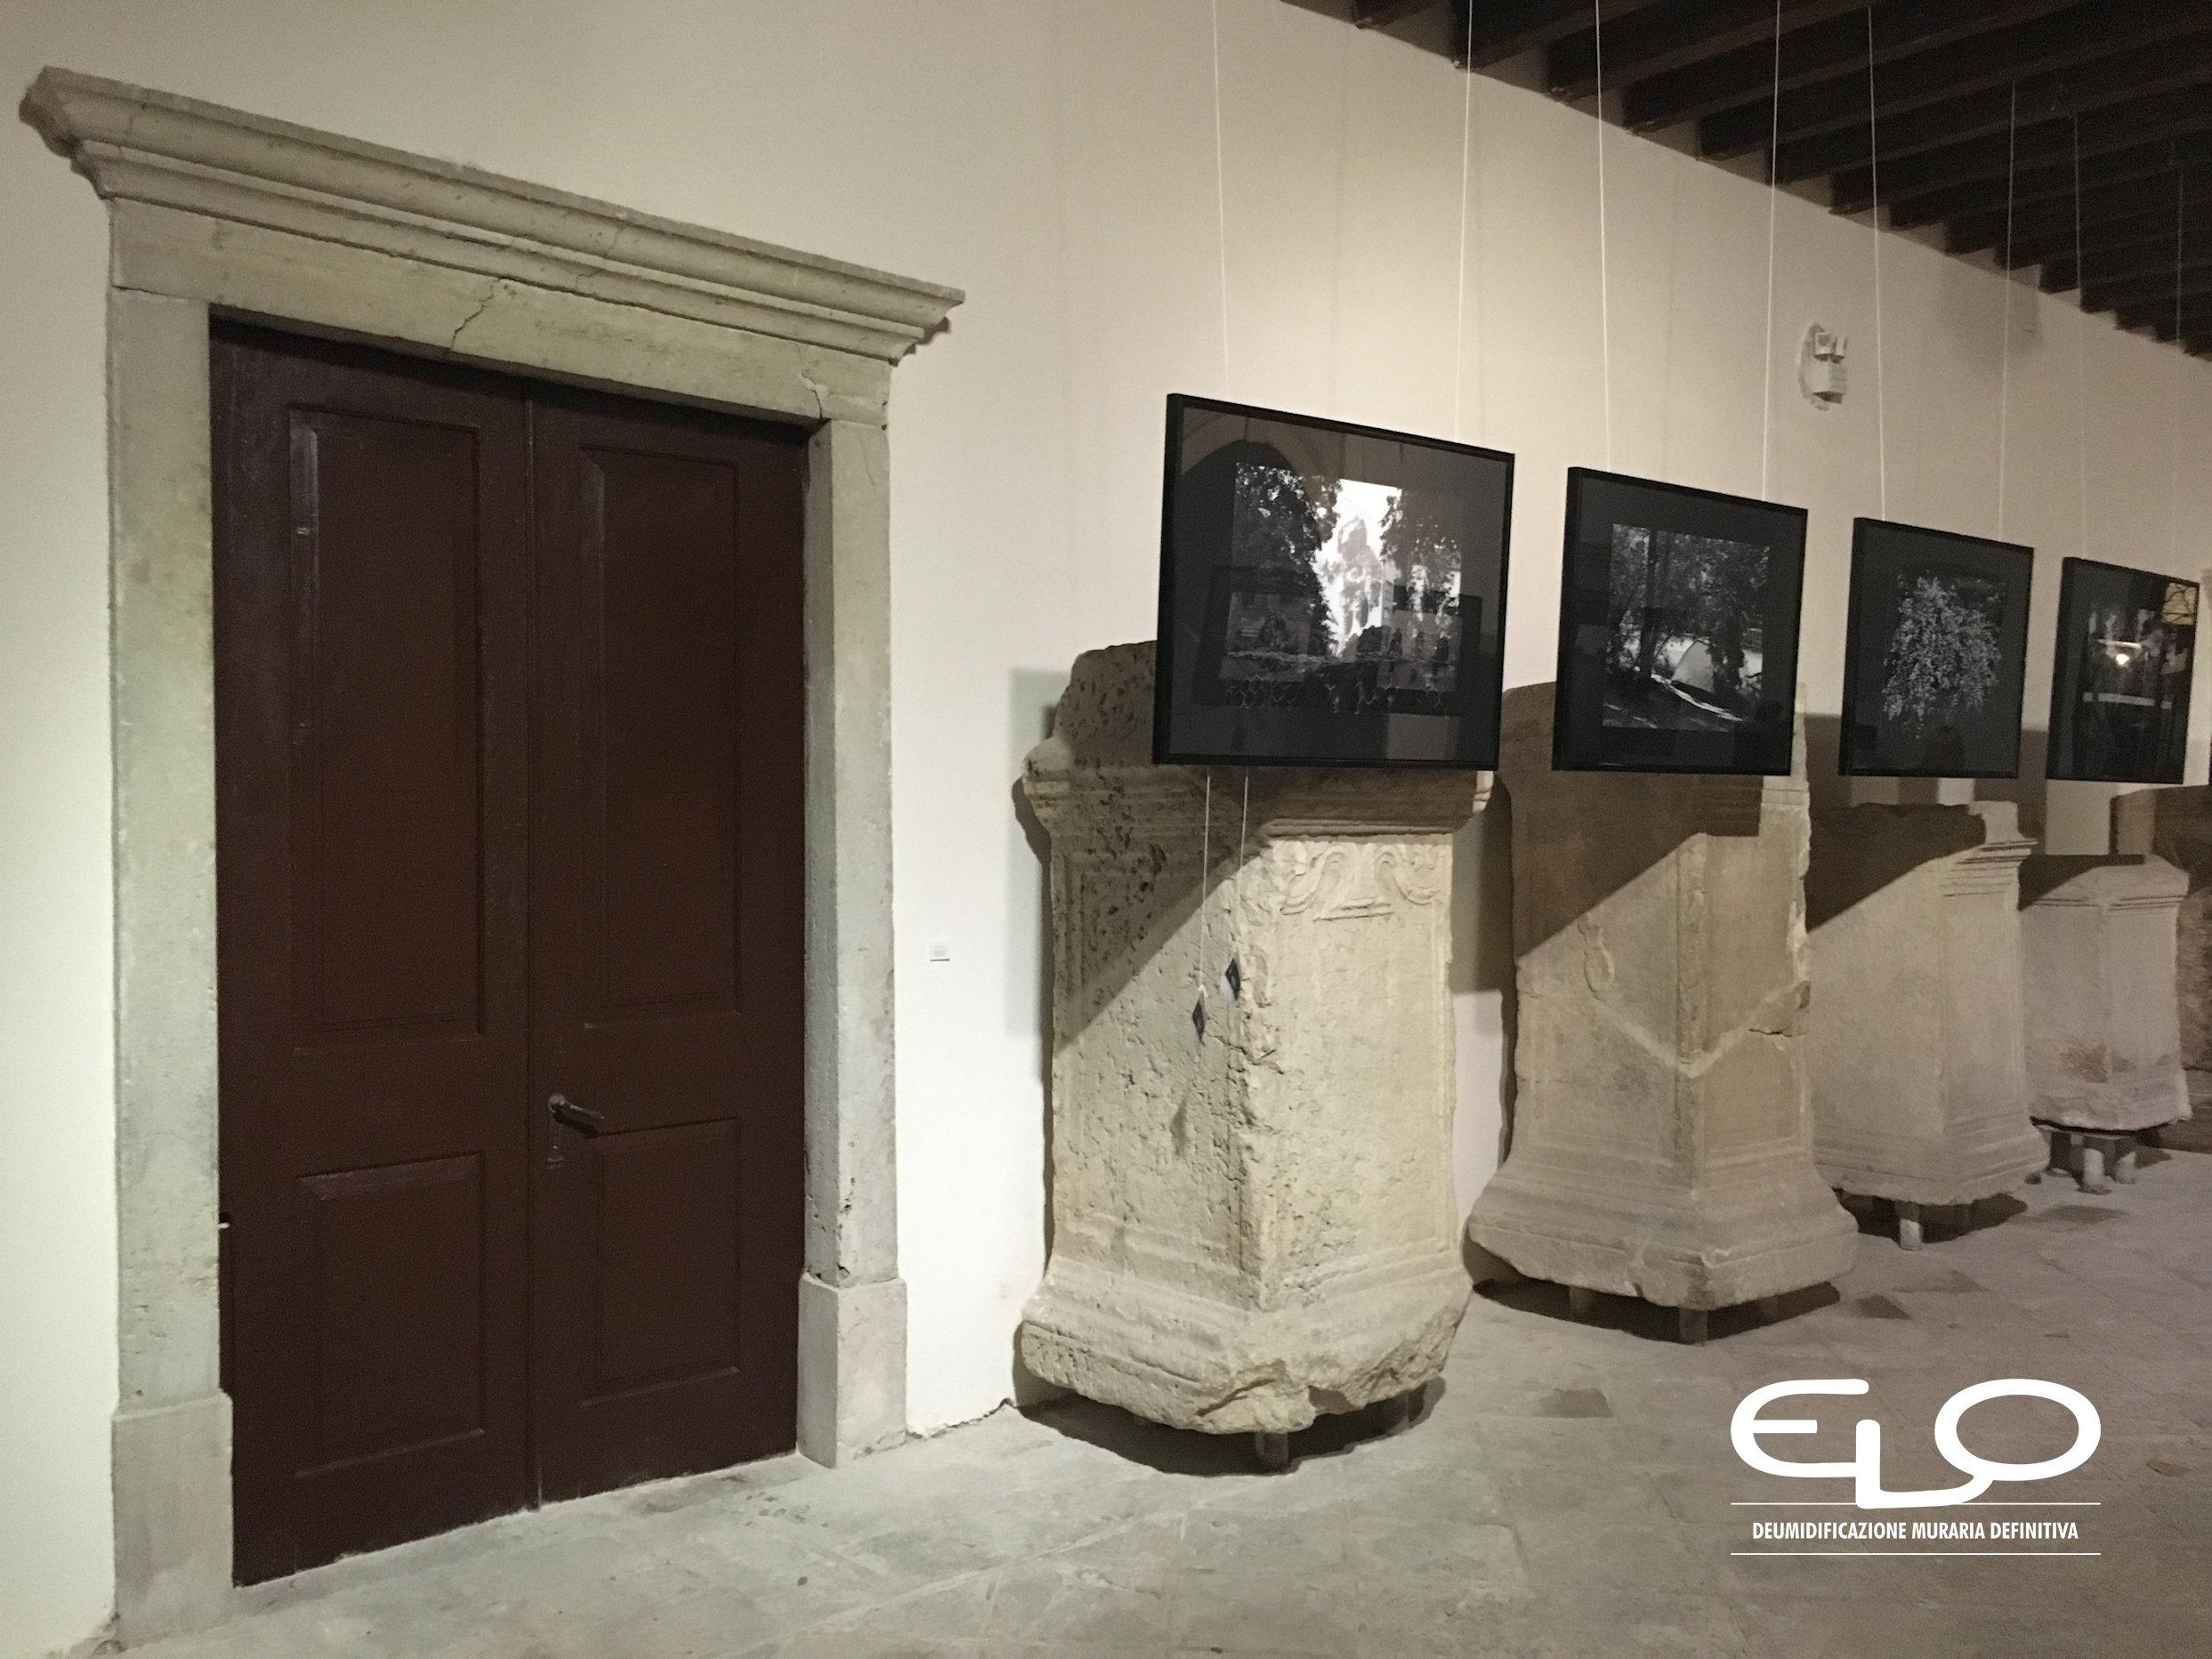 Deumidificazione di Palazzo storico in Croazia Parenzo Porec lapidario dopo la deumidificazione